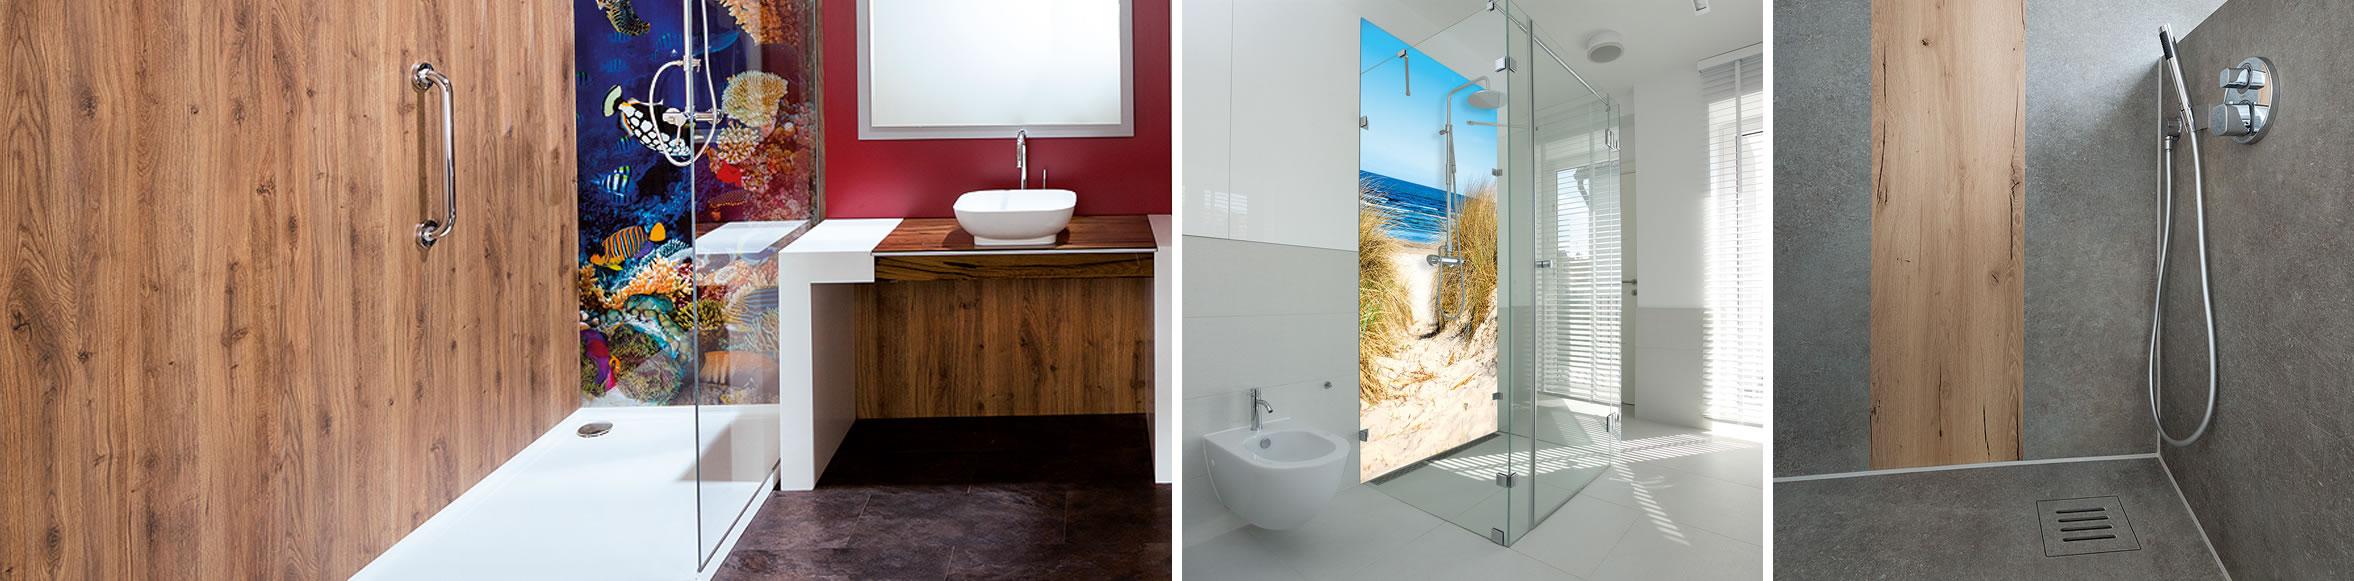 Dusche renovieren mit Fotodruck